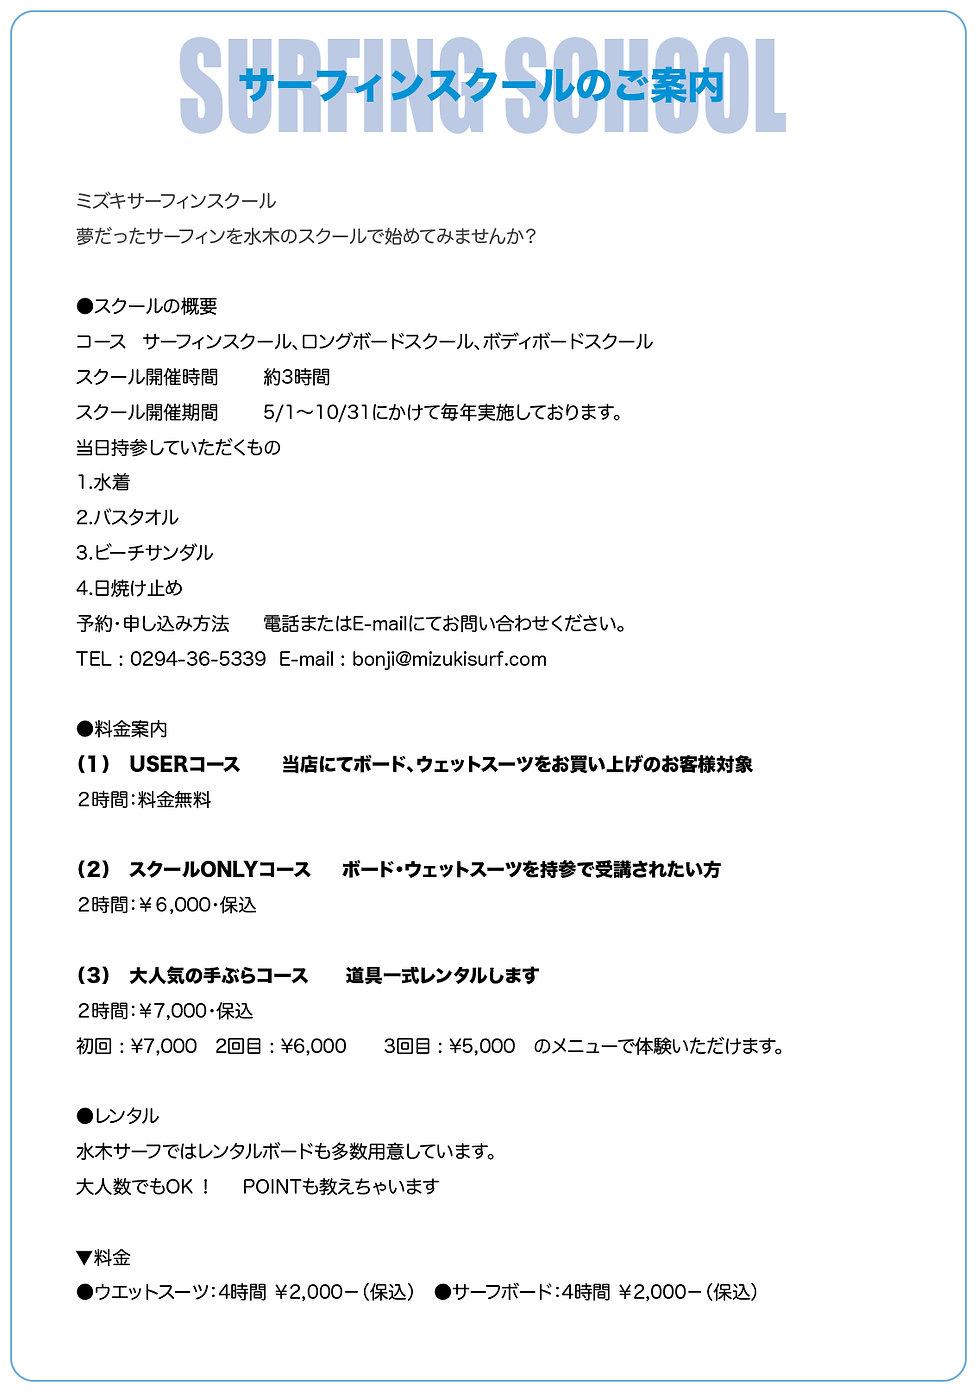 サーフィンスクール案内文.jpg